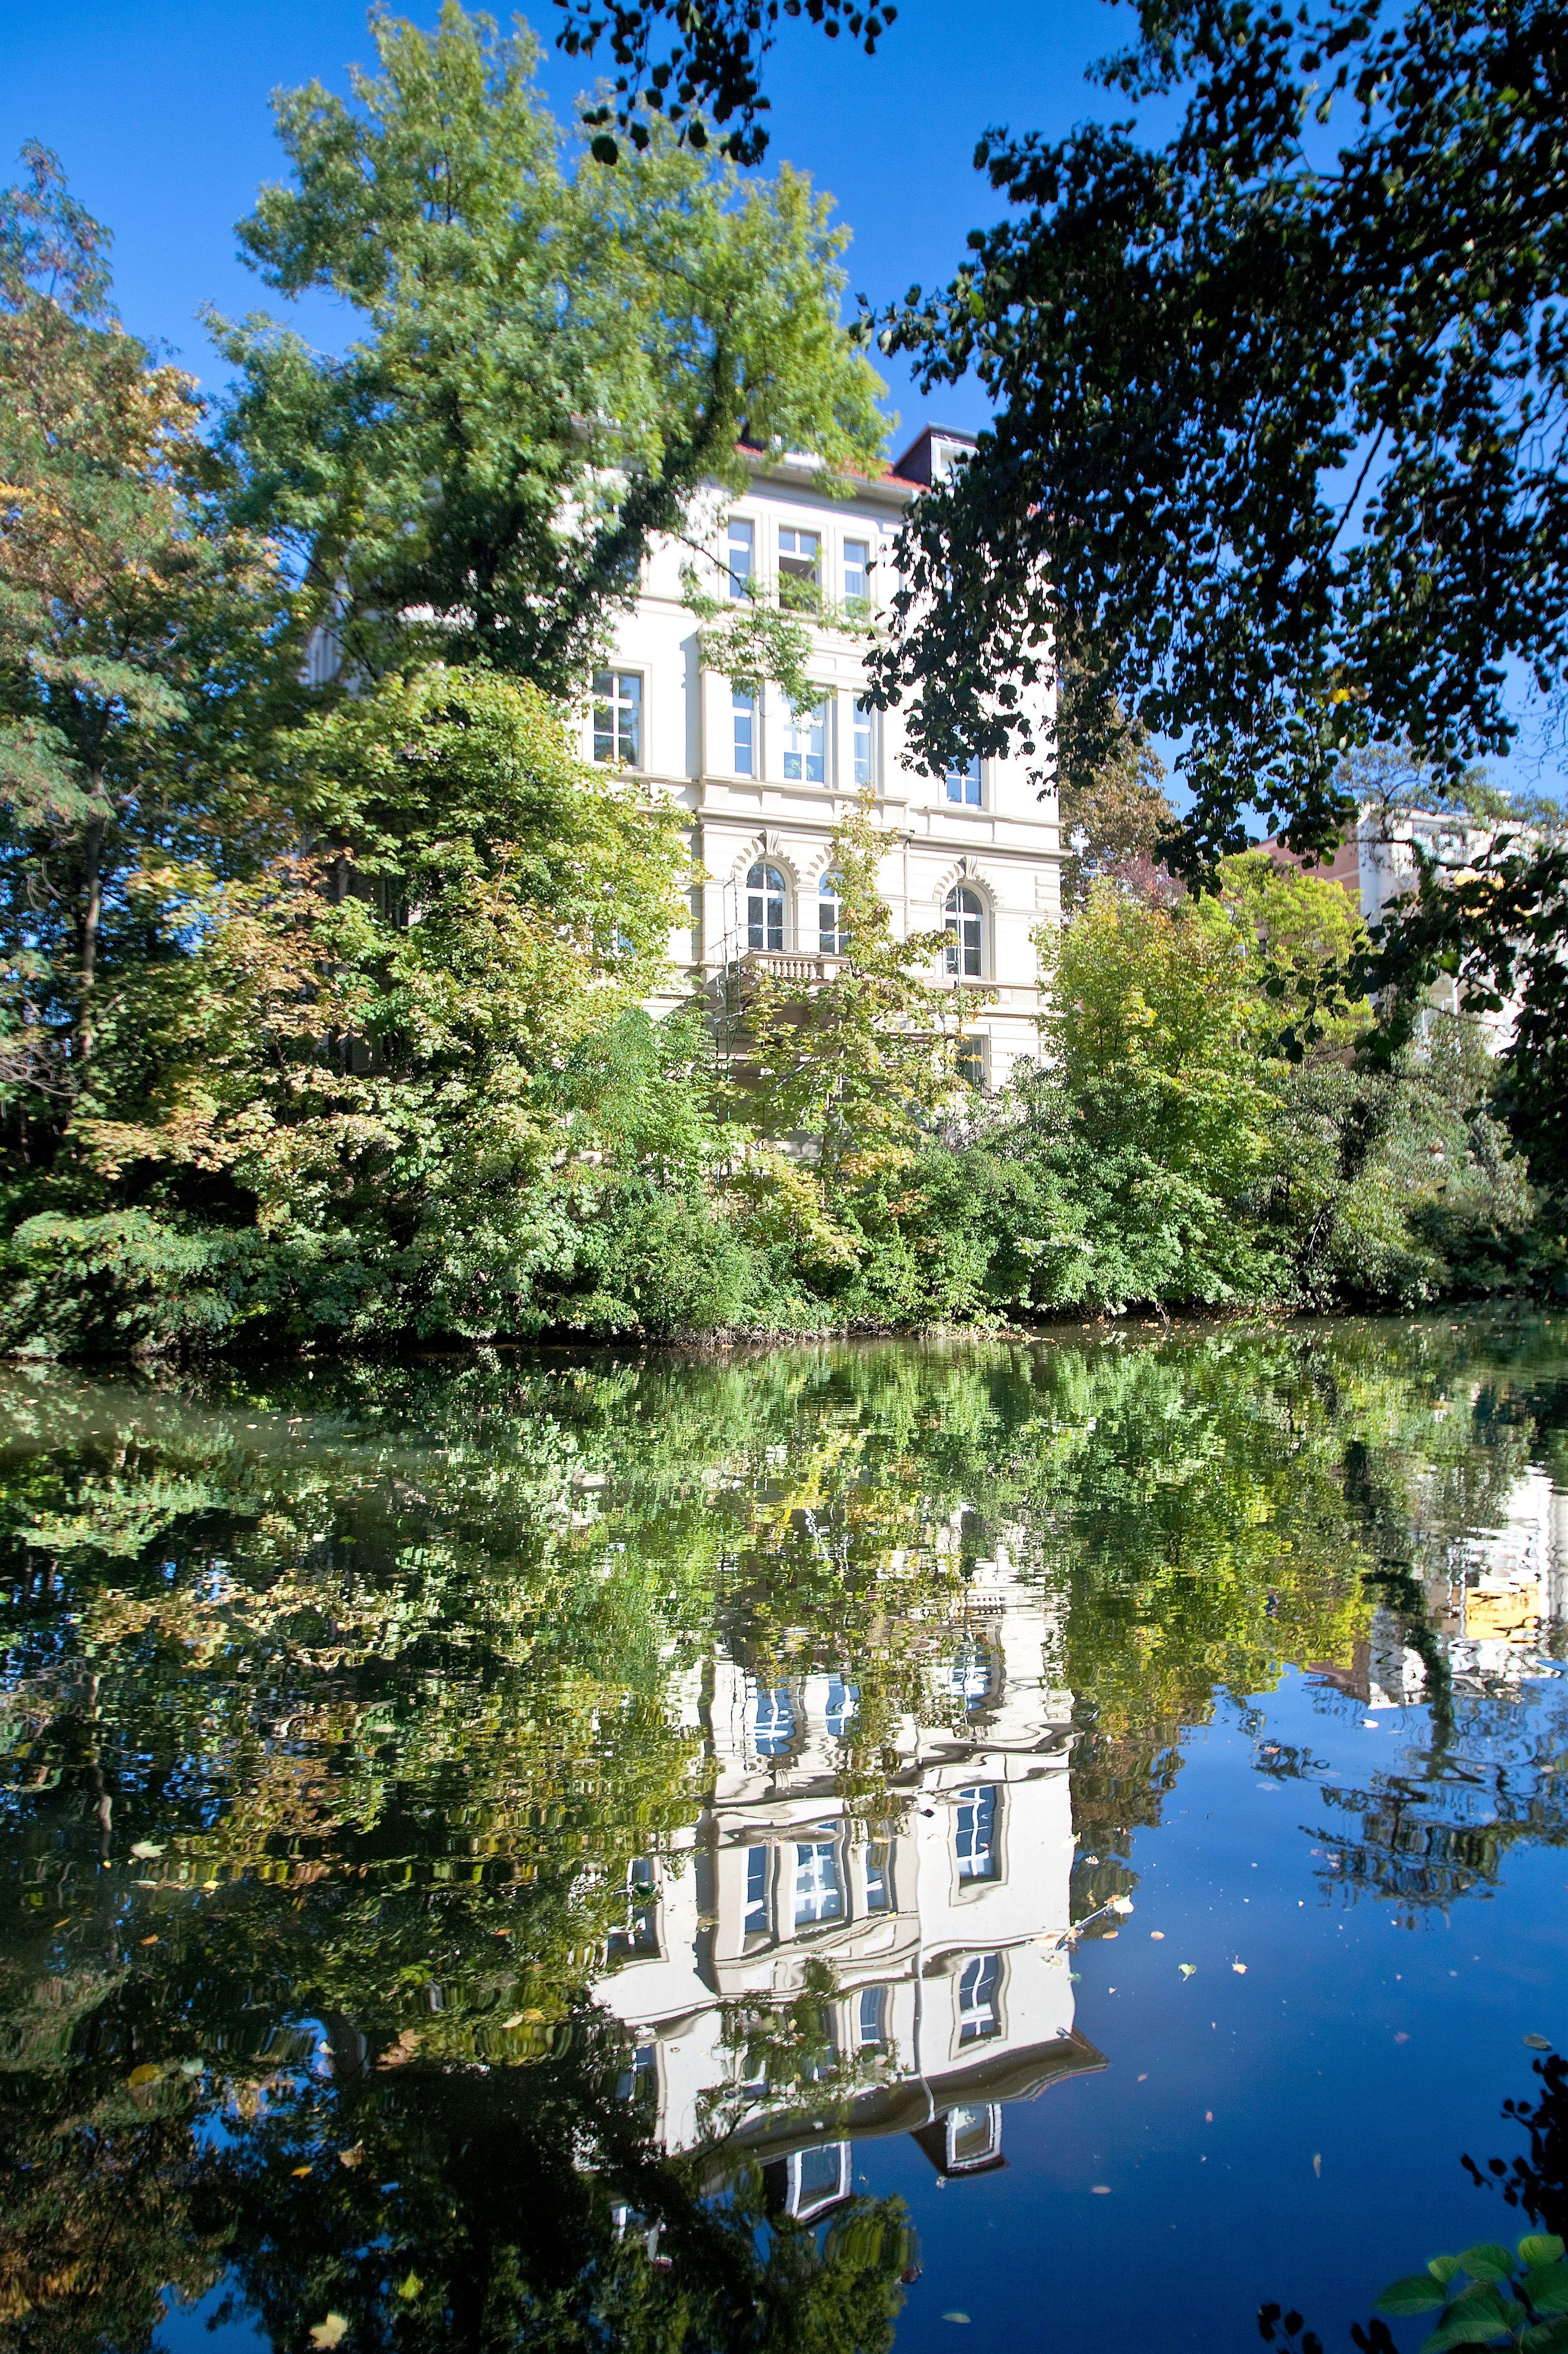 Braunschweigs Schonste Ecken Konnen Vom Wasser Aus Entdeckt Werden Die Oker Bietet Ein Tolles Ausflugsziel Fur Jung Und Alt Ausflugsziele Ausflug Braunschweig